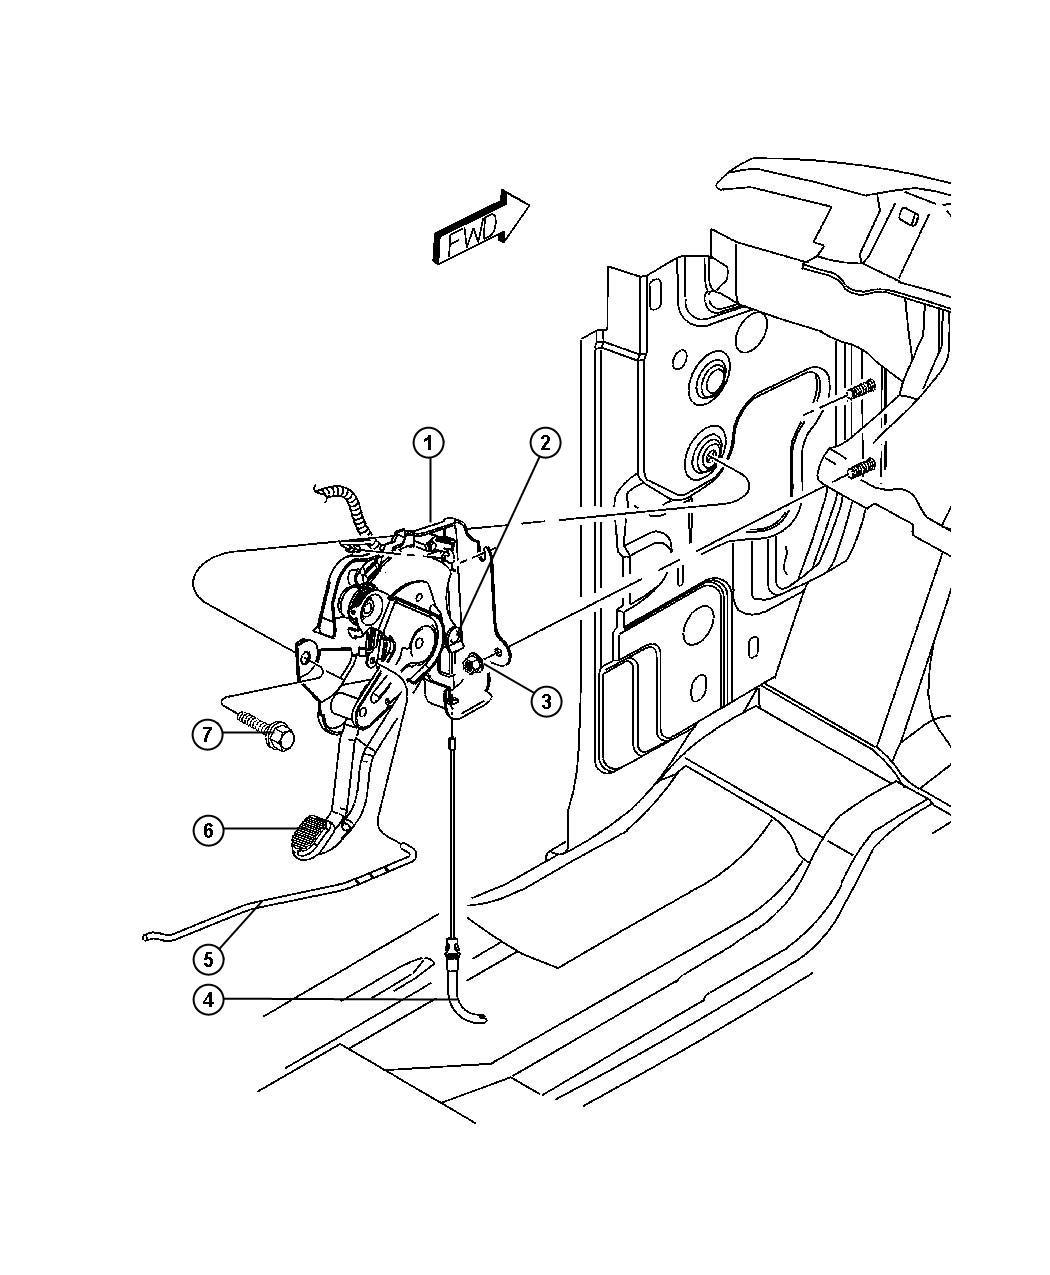 Chrysler 200 Lever Assembly Parking Brake Items